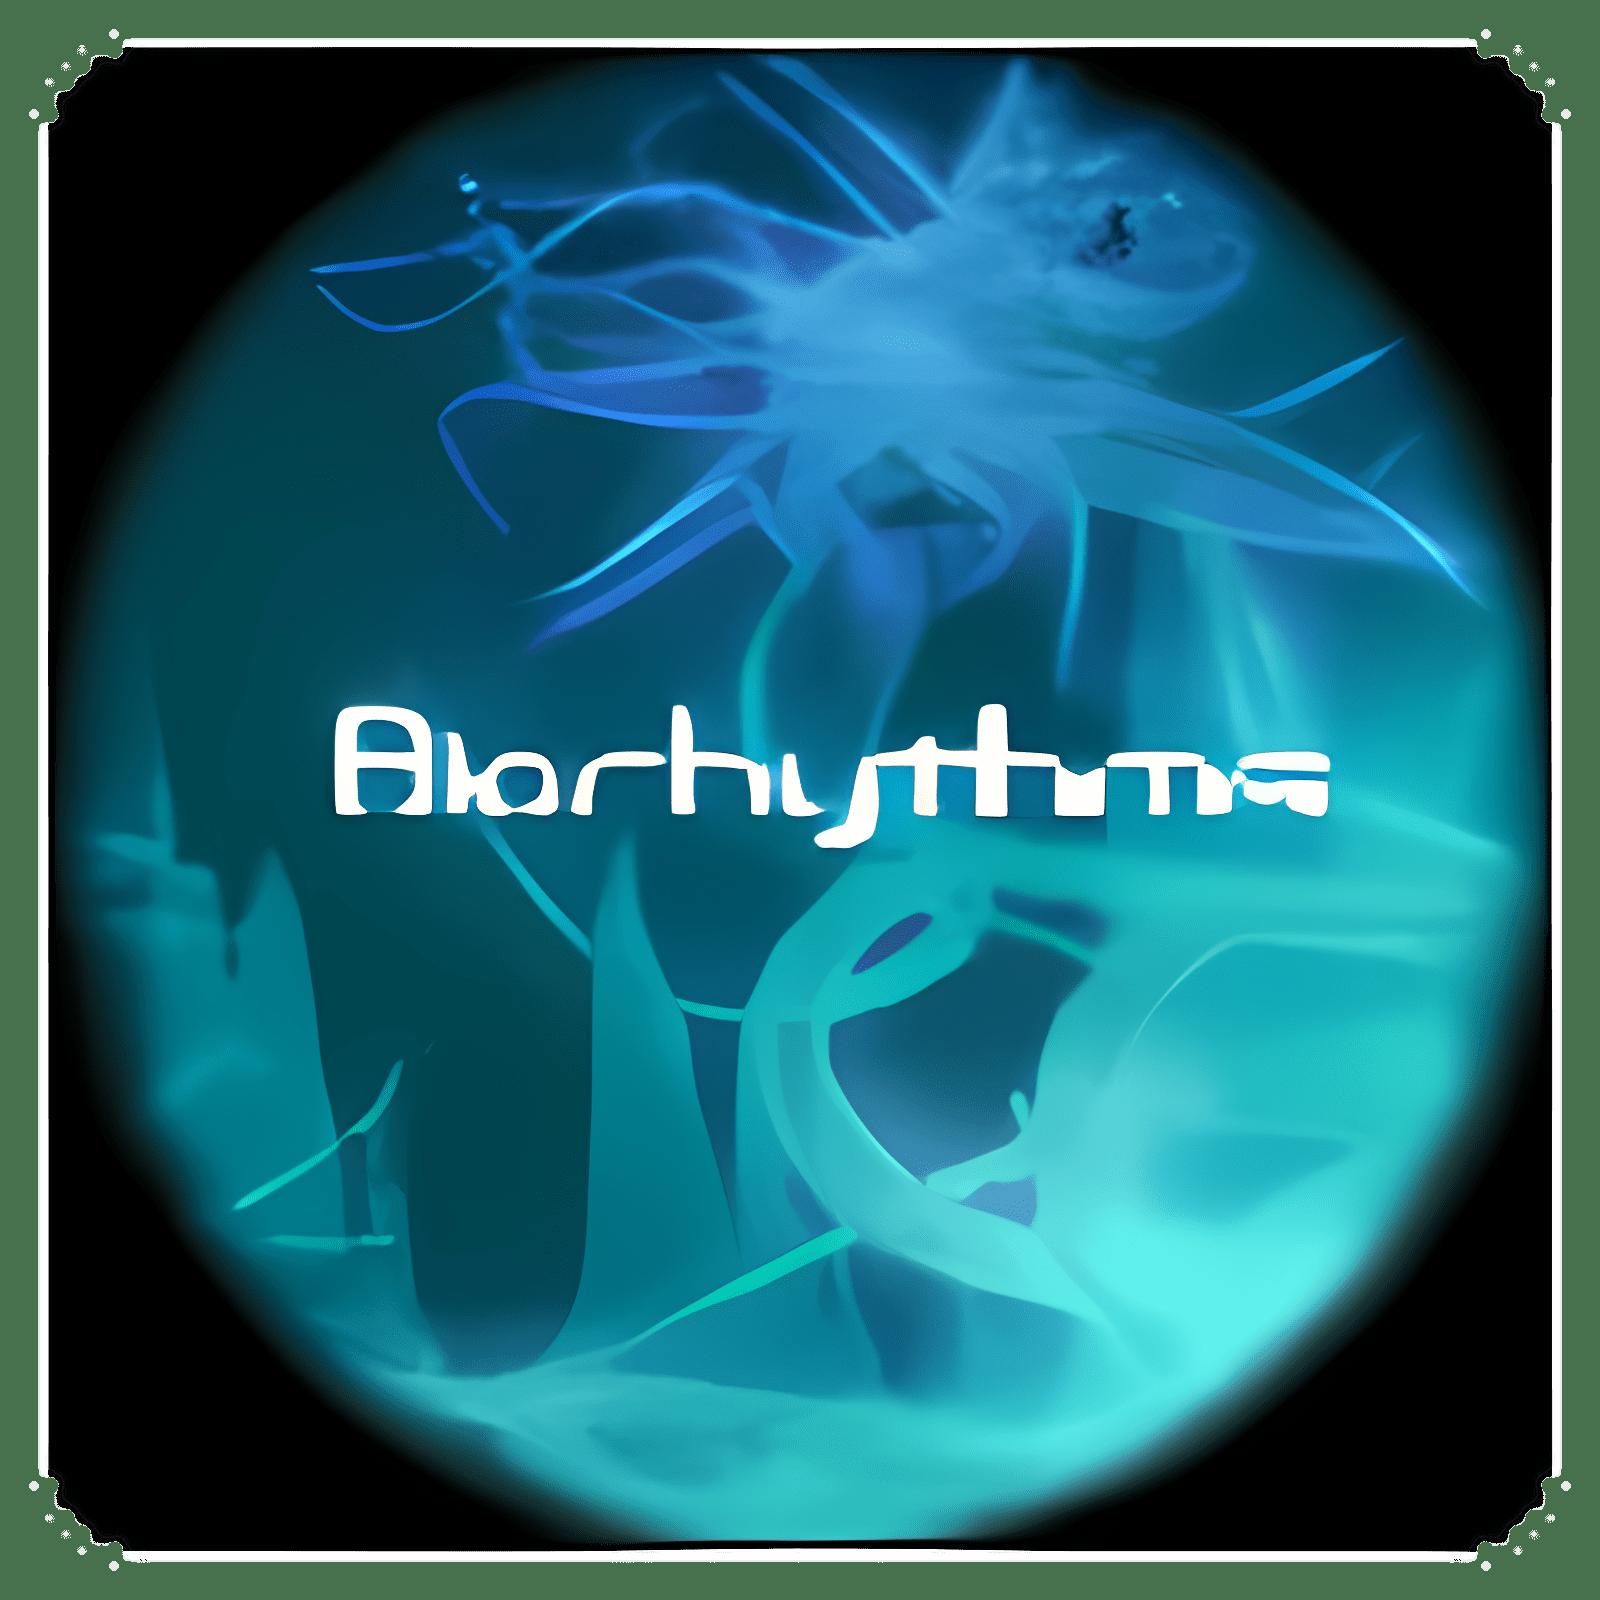 aOlej Biorhytm 1.0